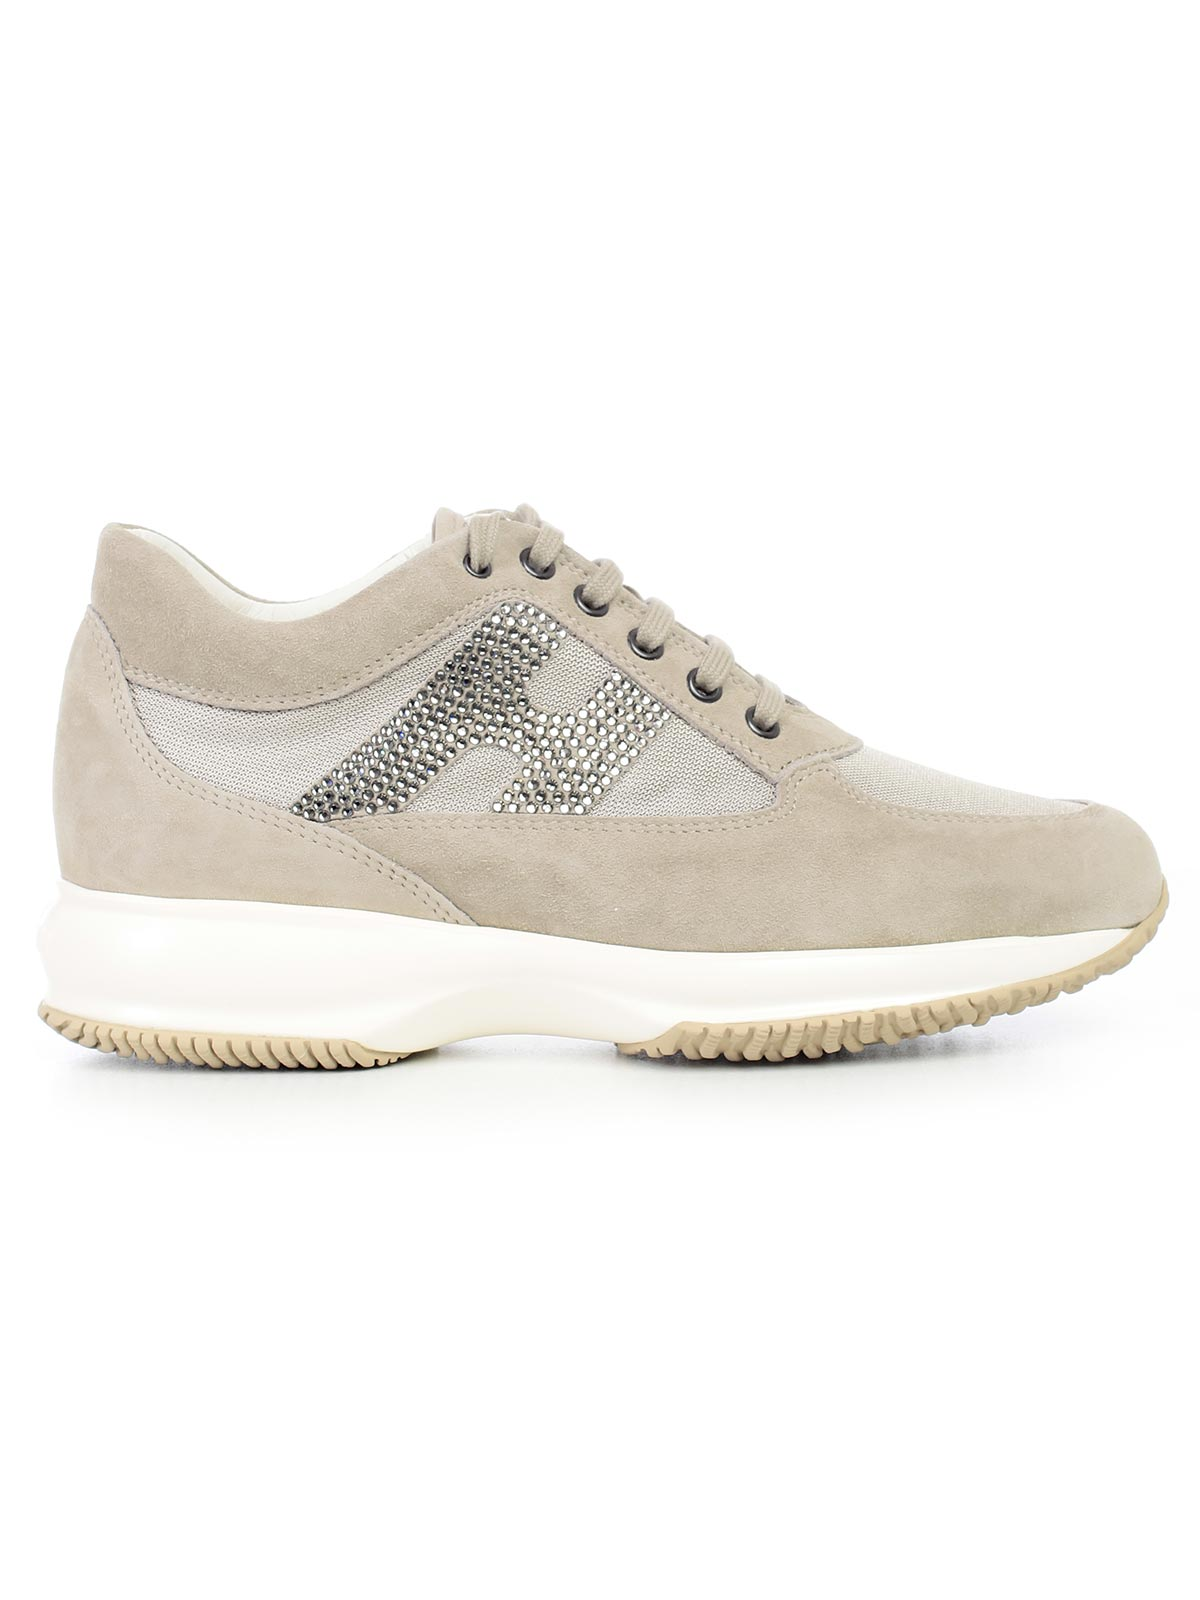 Picture of HOGAN Footwear